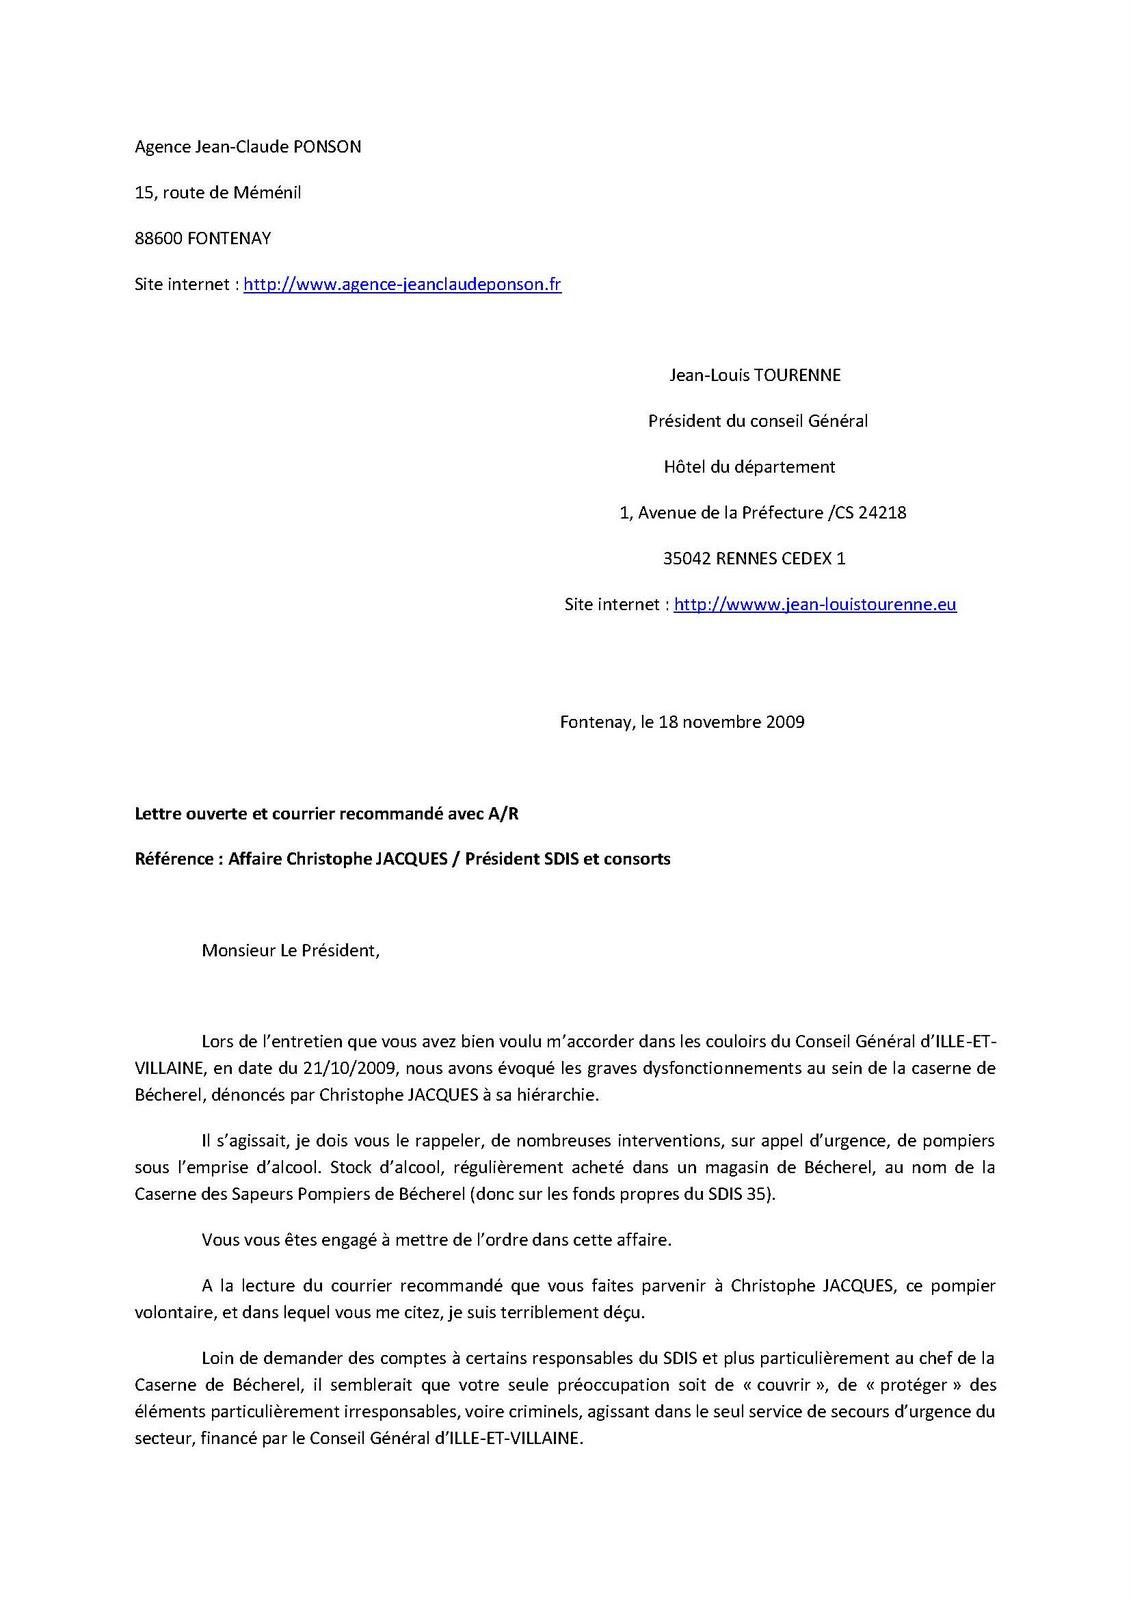 Lettre de motivation ambulancier sans diplome - laboite-cv.fr